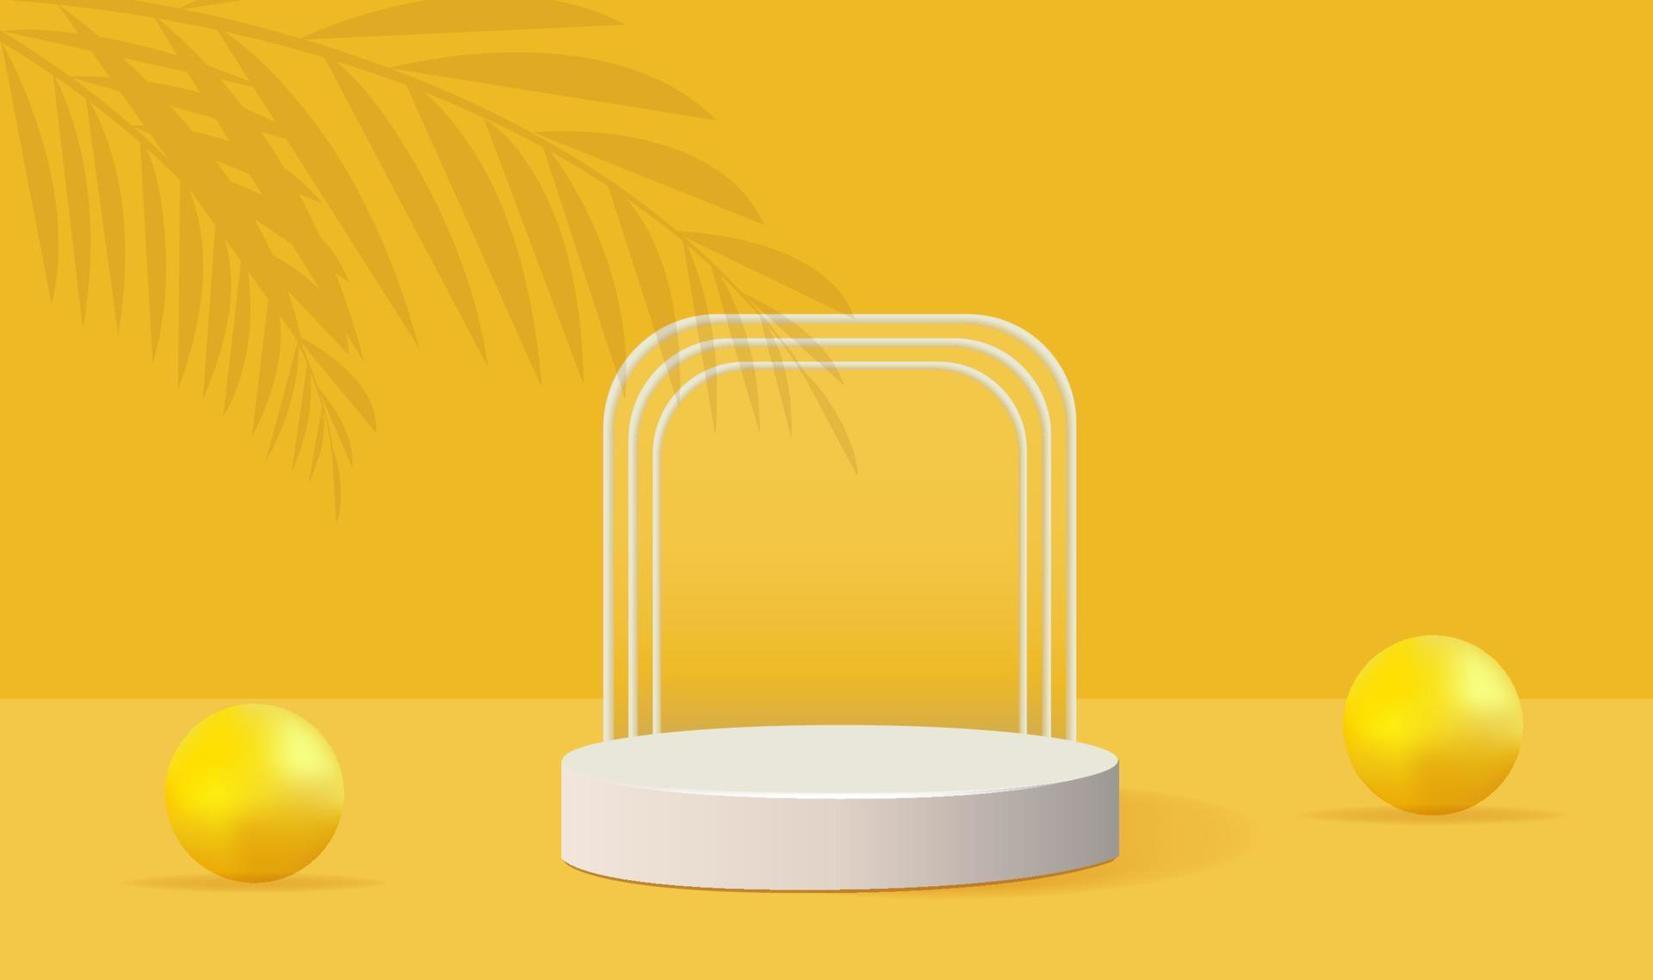 minimalistische geometrische Form des gelben Podiums mit Palmen- und Blasenschatten vektor